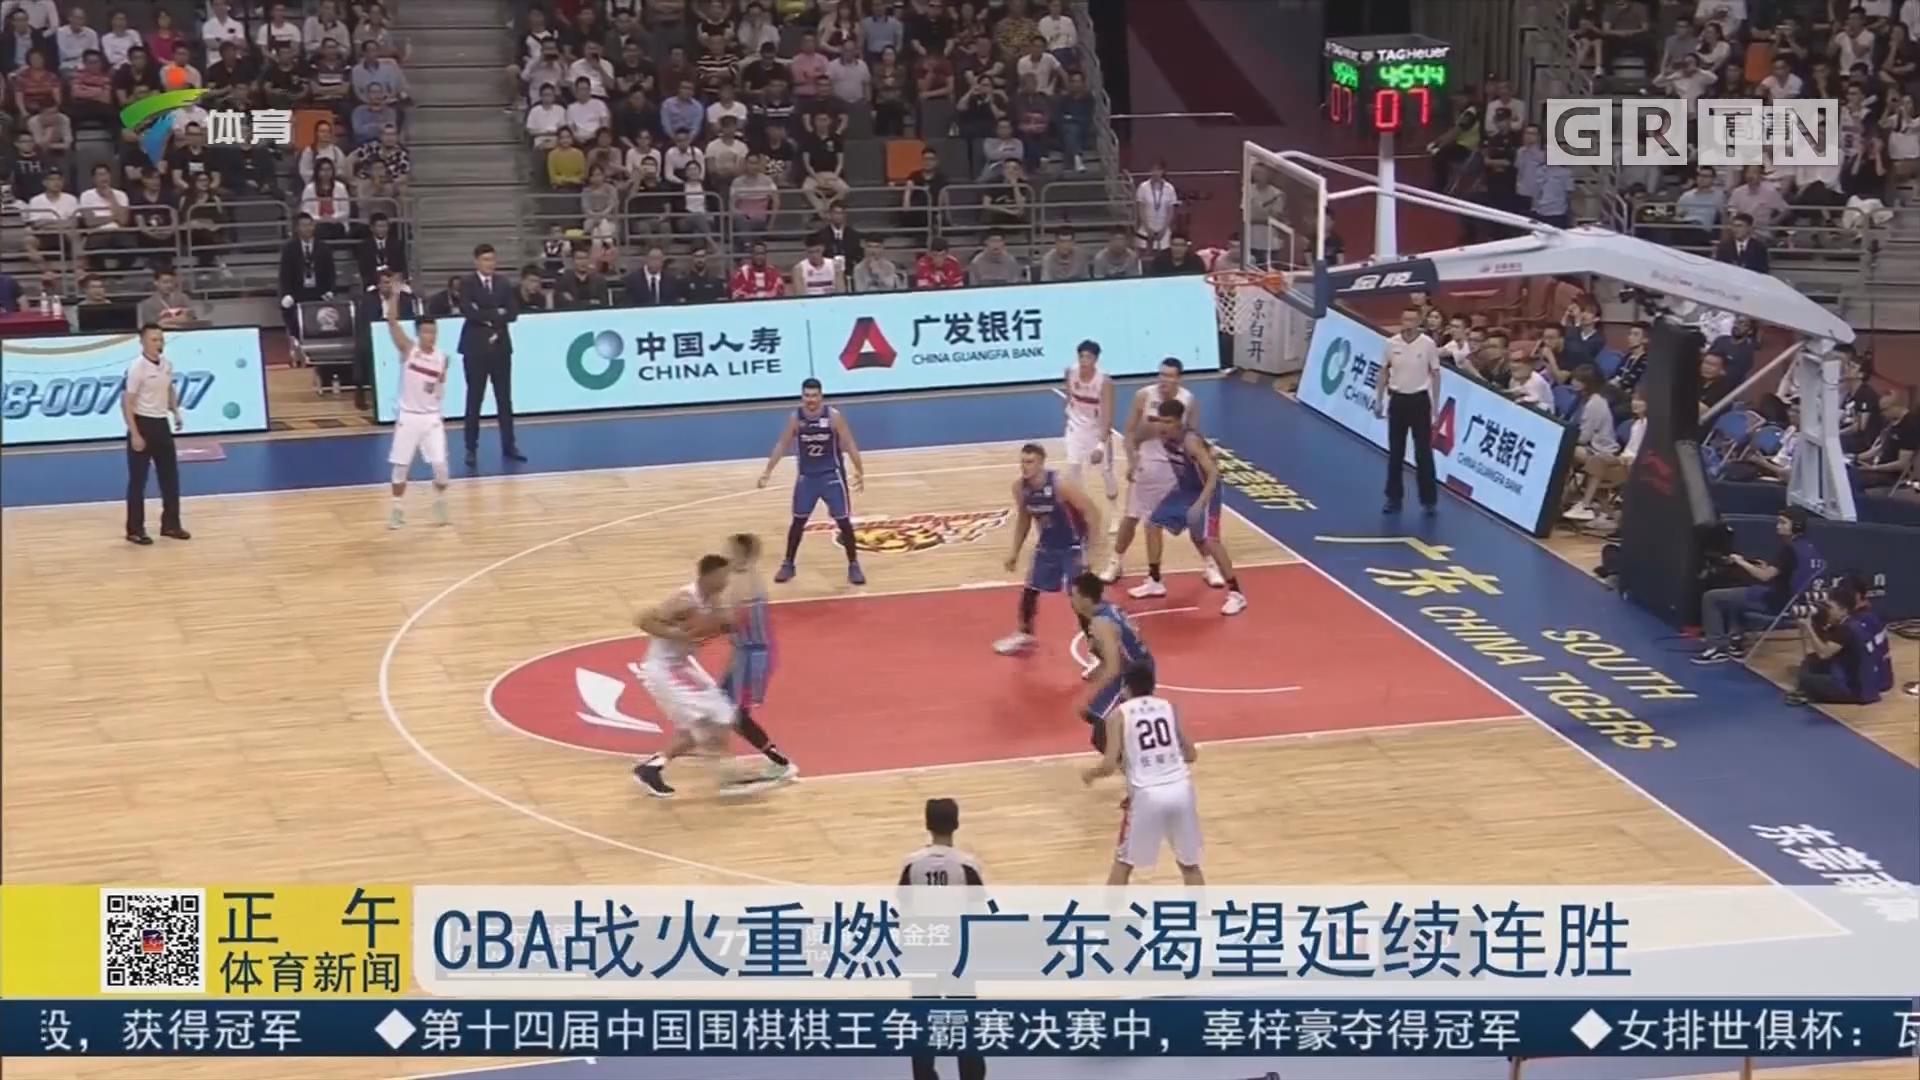 CBA战火重燃 广东渴望延续连胜